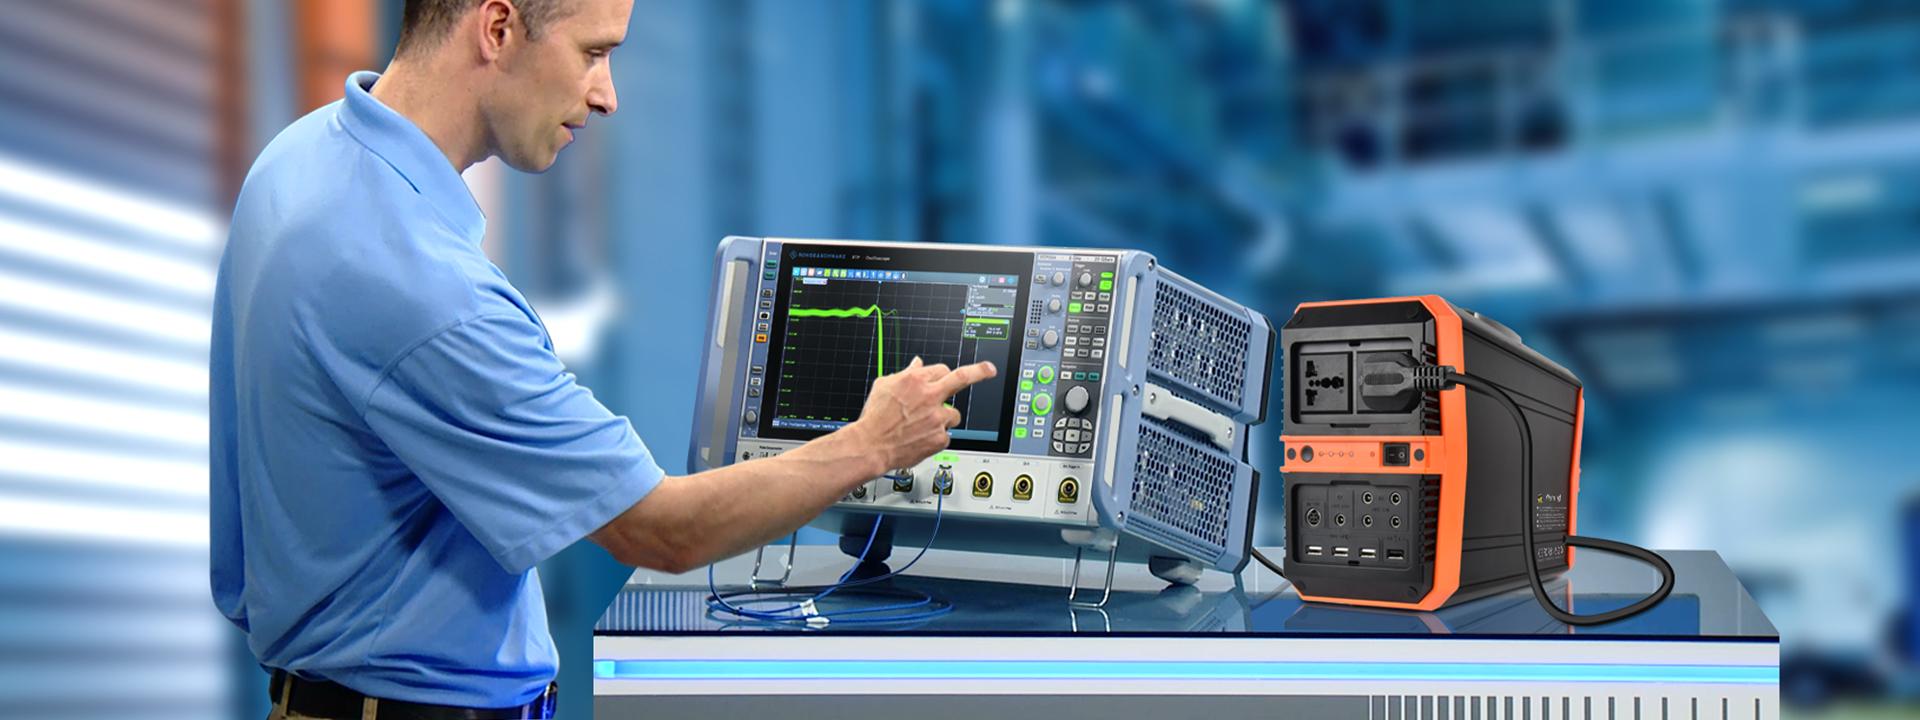 SUNGZU 1000W Apply to Industrial